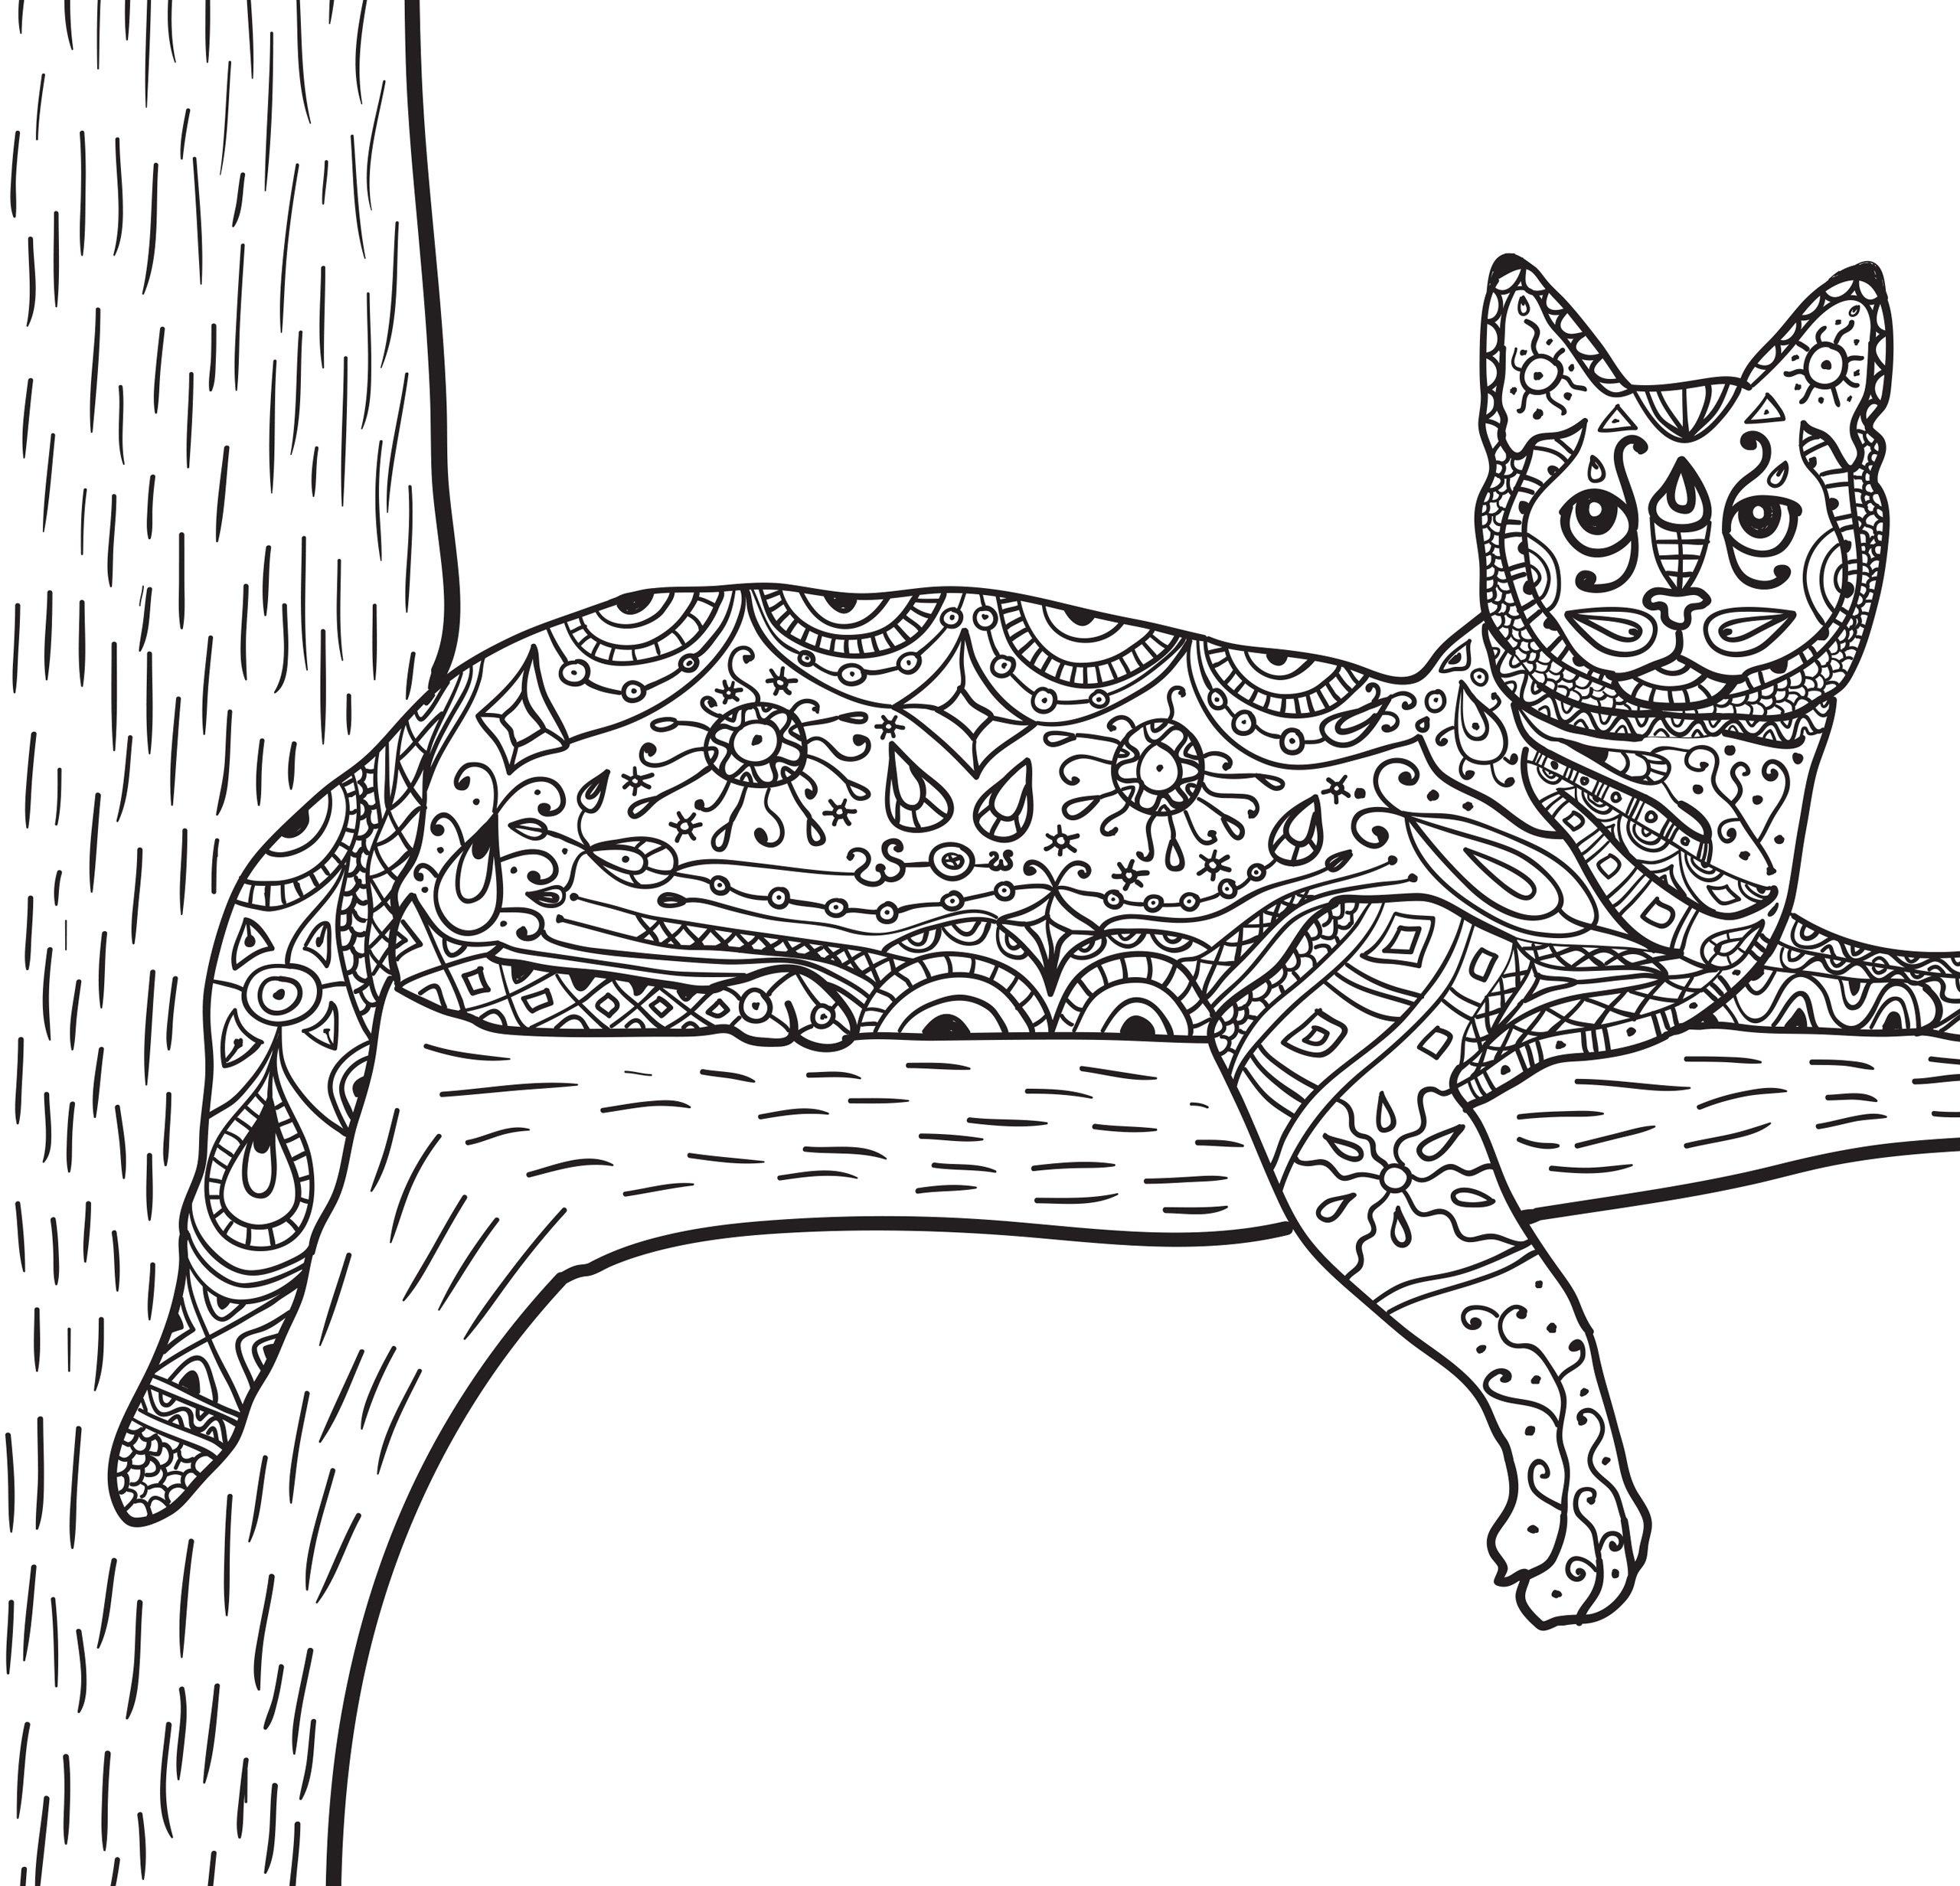 Кошка на дереве - Животные - Раскраски антистресс